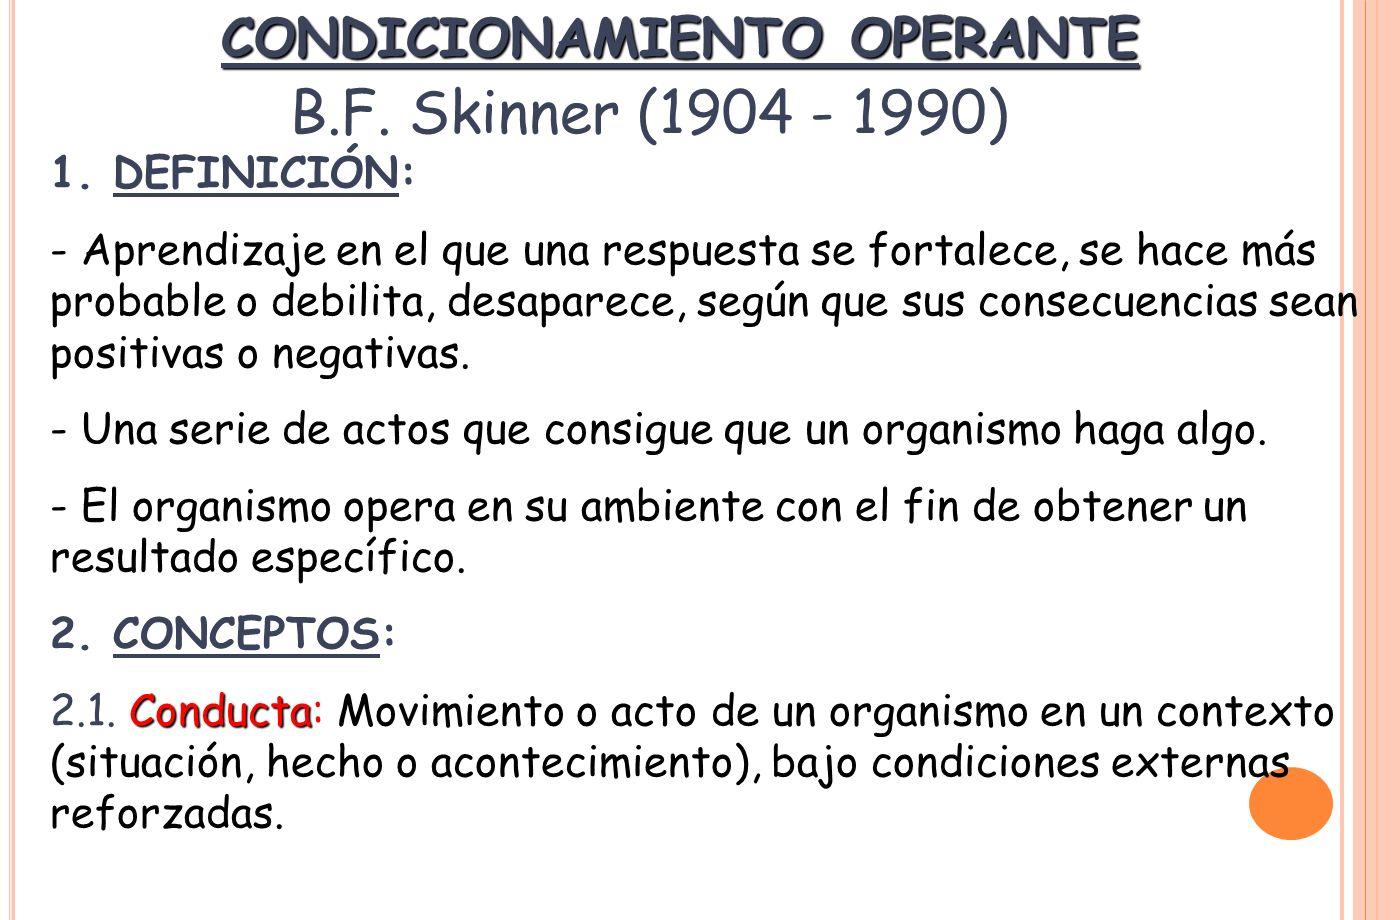 CONDICIONAMIENTO OPERANTE B.F. Skinner (1904 - 1990) 1. DEFINICIÓN: - Aprendizaje en el que una respuesta se fortalece, se hace más probable o debilit